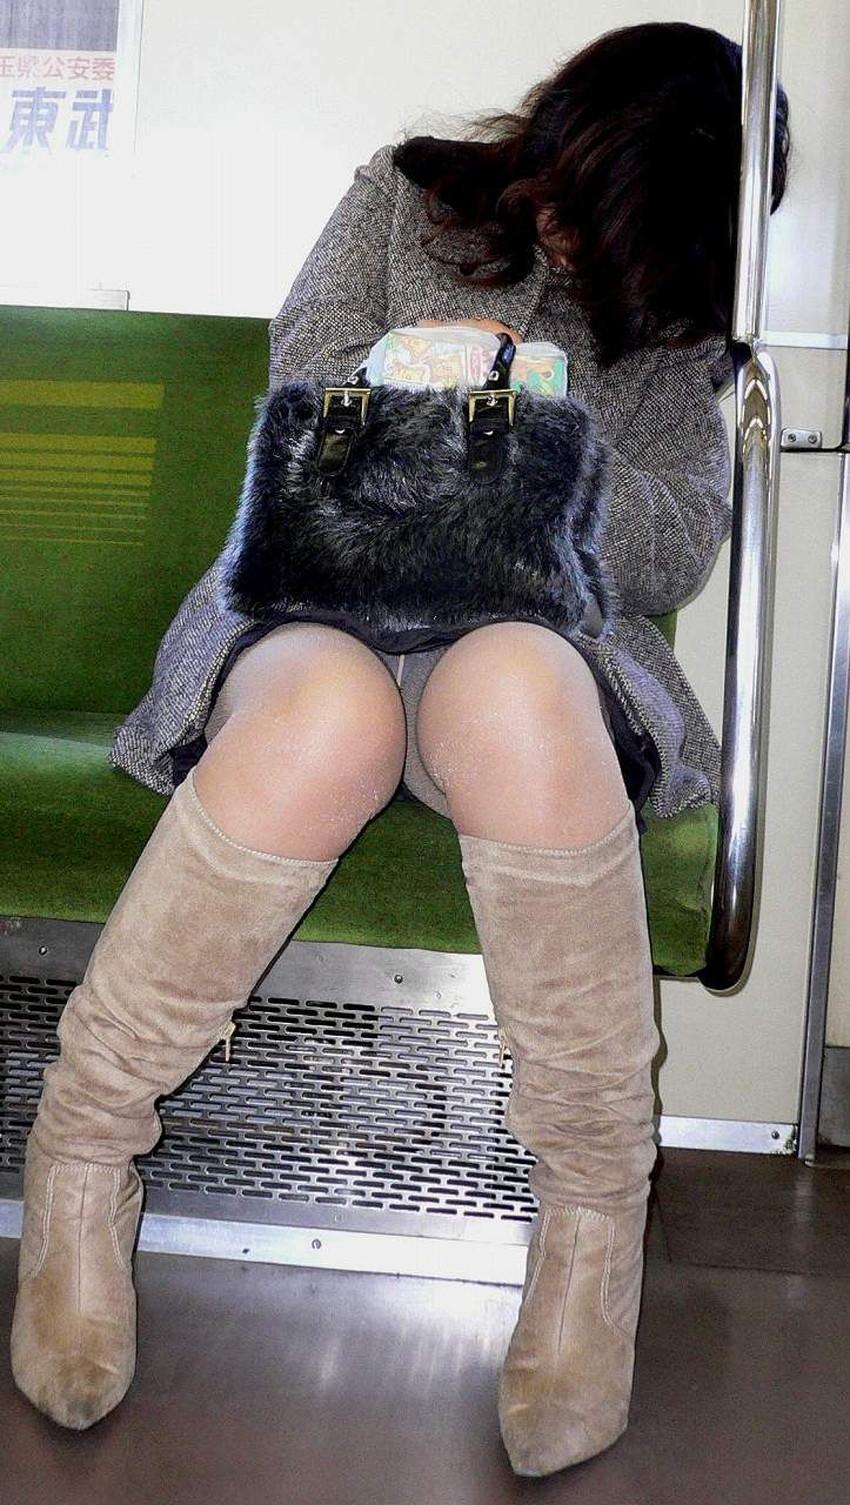 【電車内パンチラエロ画像】辛い満員電車の中のオアシス電車内パンチラ!スーツOLや制服JKのデルタゾーンからパンティー見えてる電車内パンチラのエロ画像集!【80枚】 40